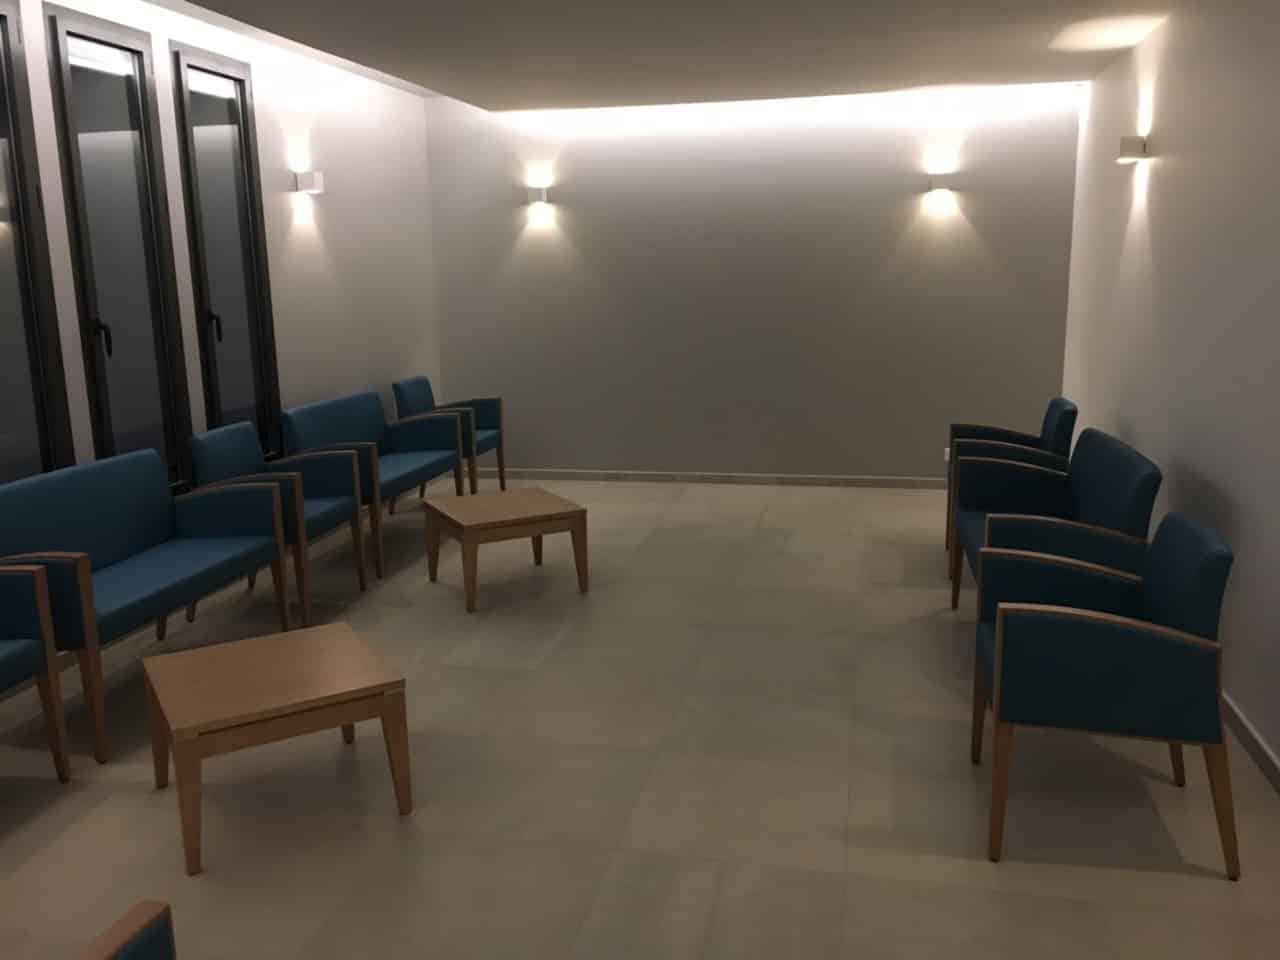 Salon d'attente des familles du crématorium de Saint Raphael